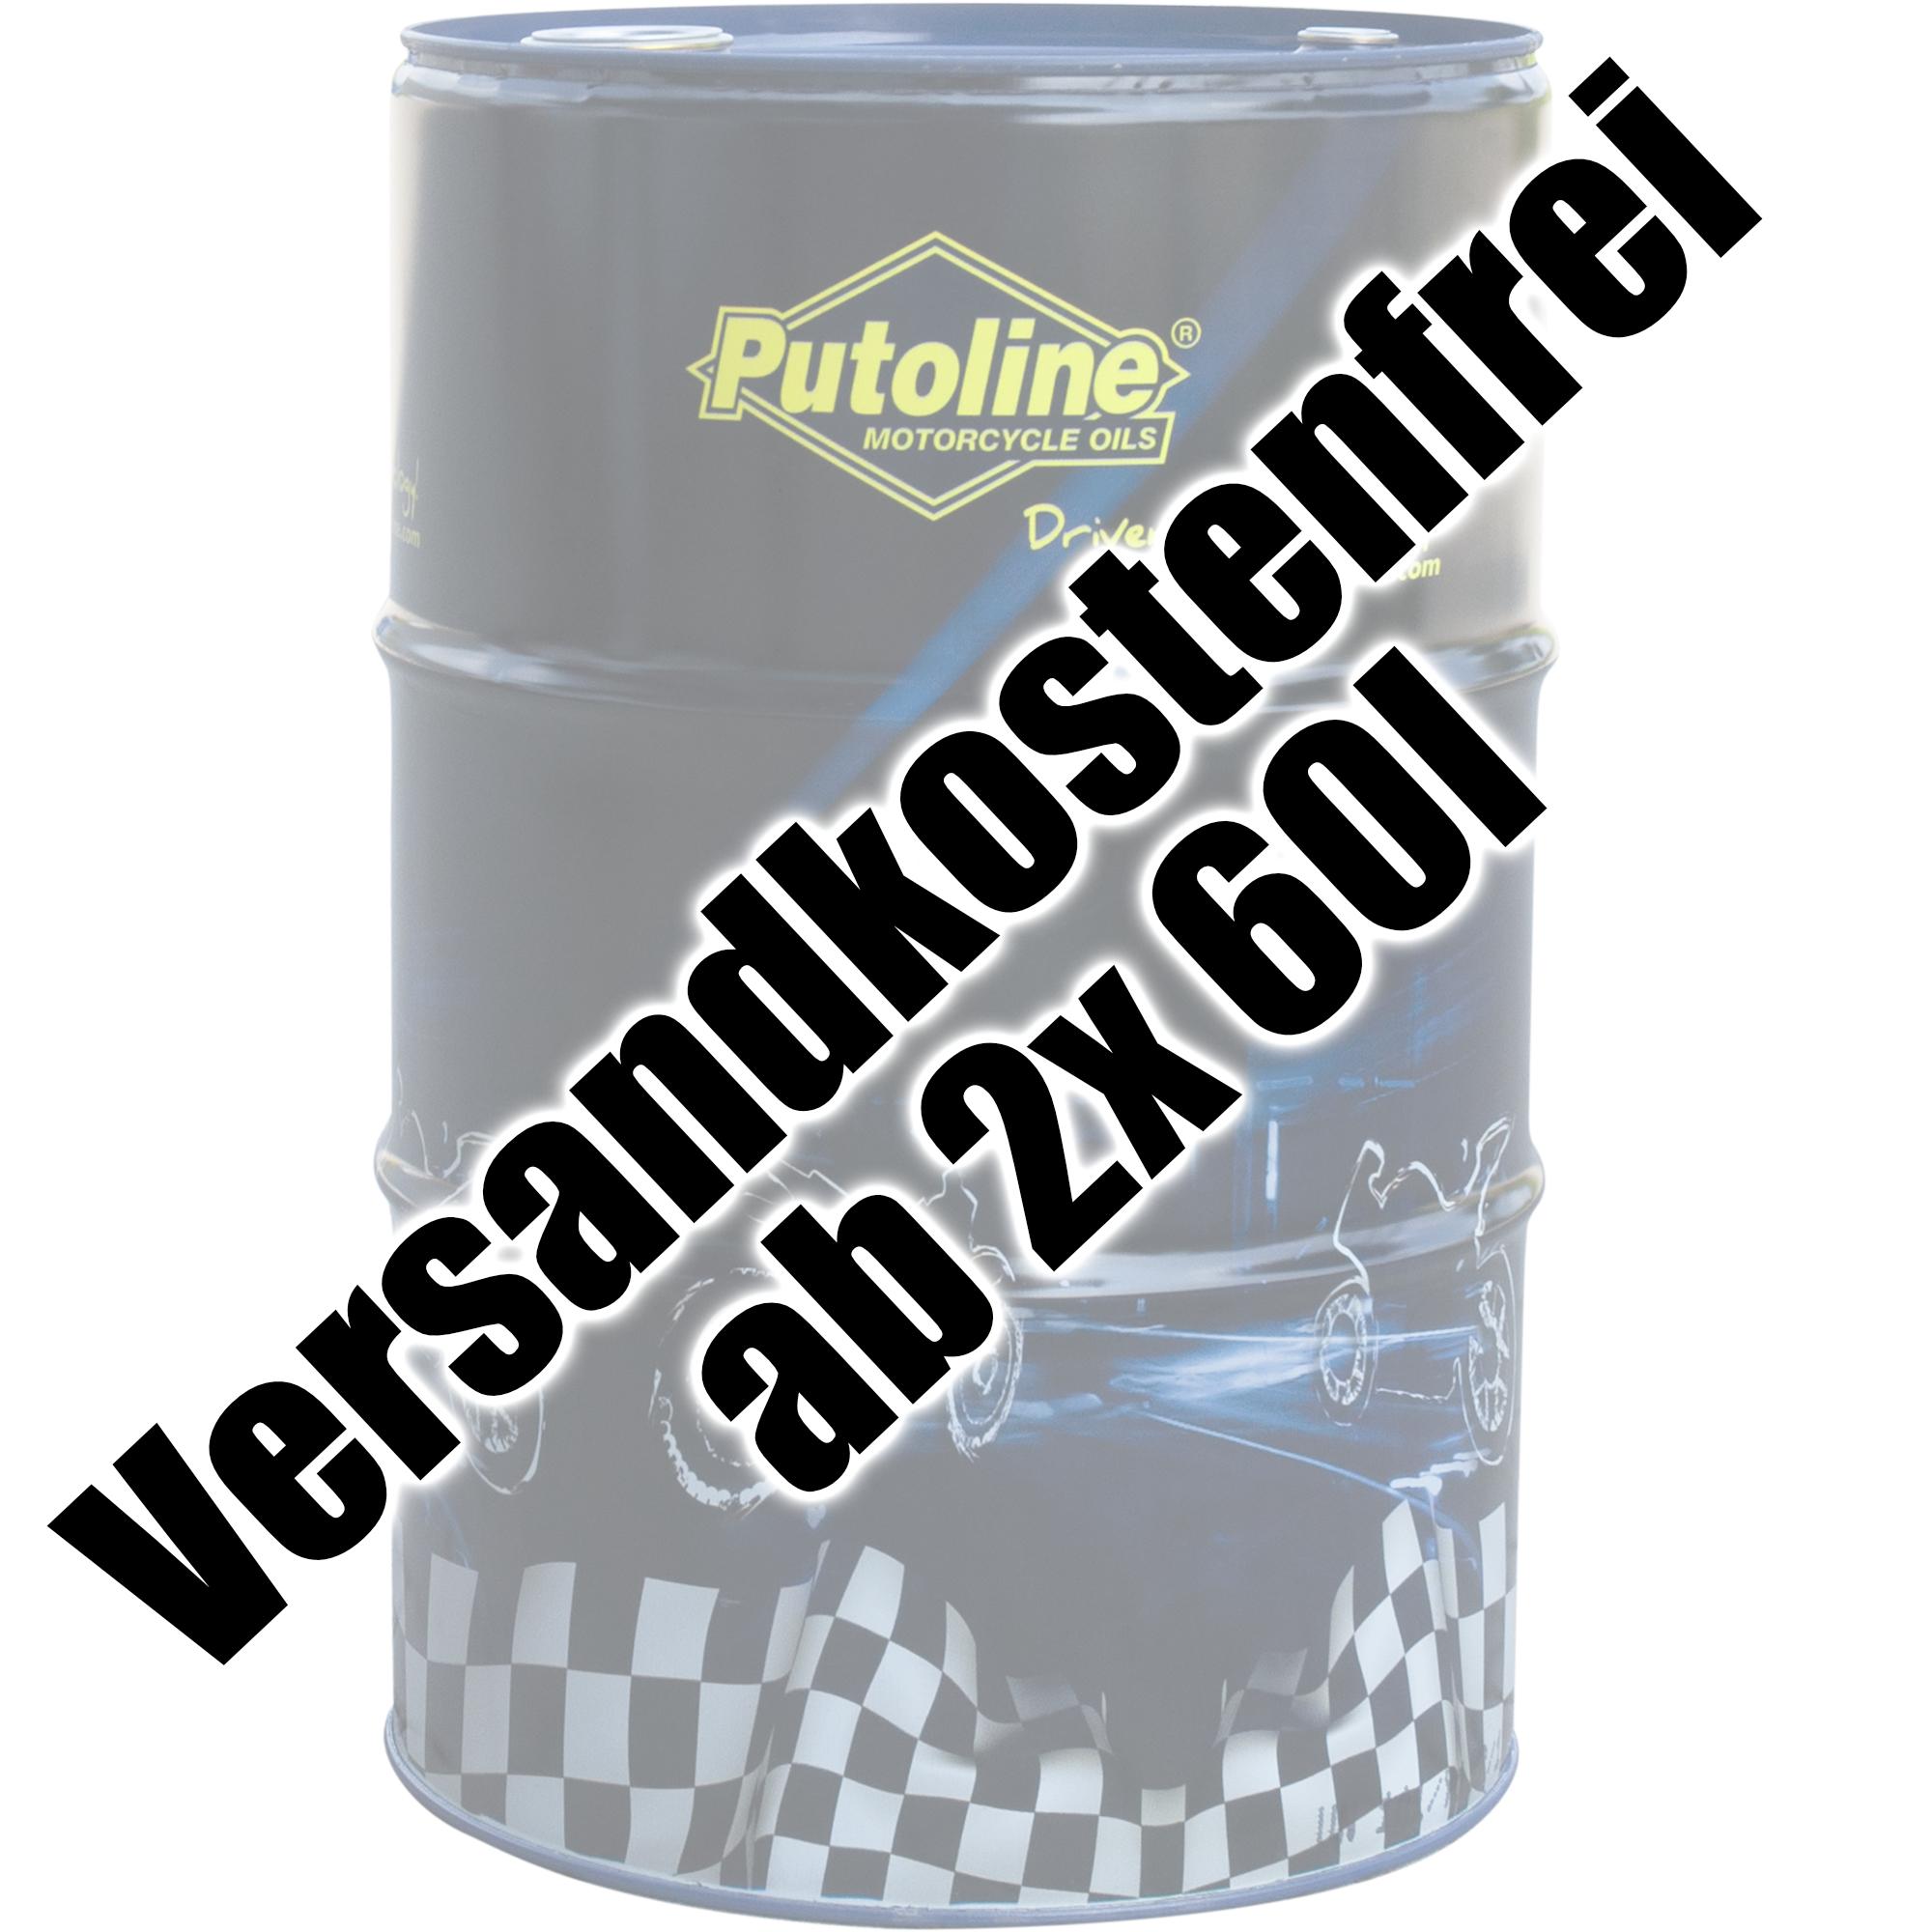 Putoline Motoröl Scooter 4T 5W-40 60L